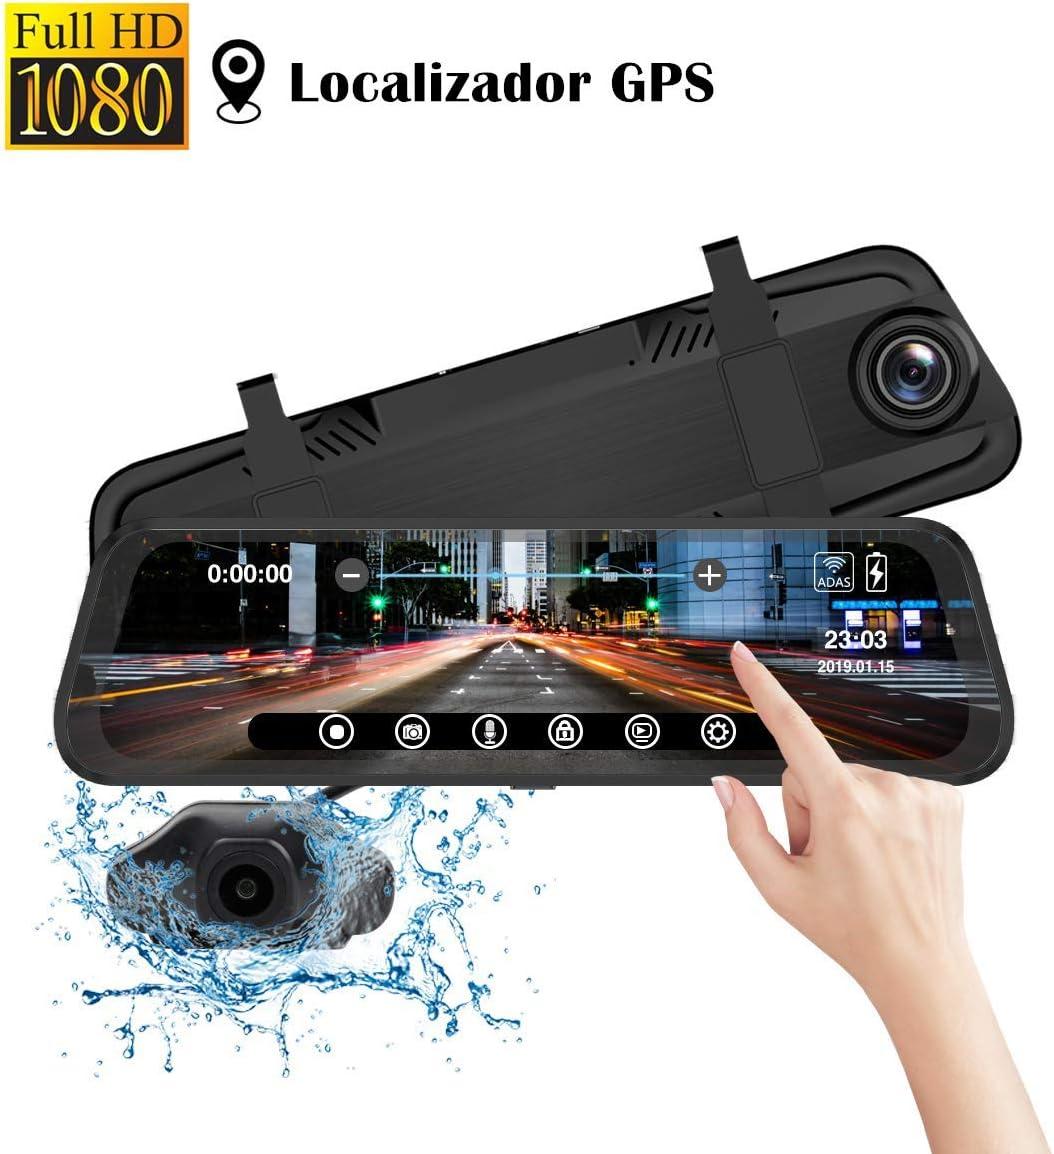 Camara Marcha Atras Coche con Retrovisor de Táctil de 9.66 pulgadas Iseebiz Dual Camara Coche Delantera y Trasera 1080p Full-HD con Localizador GPS/ADAS/G-Sensor/Grabación de Bucle